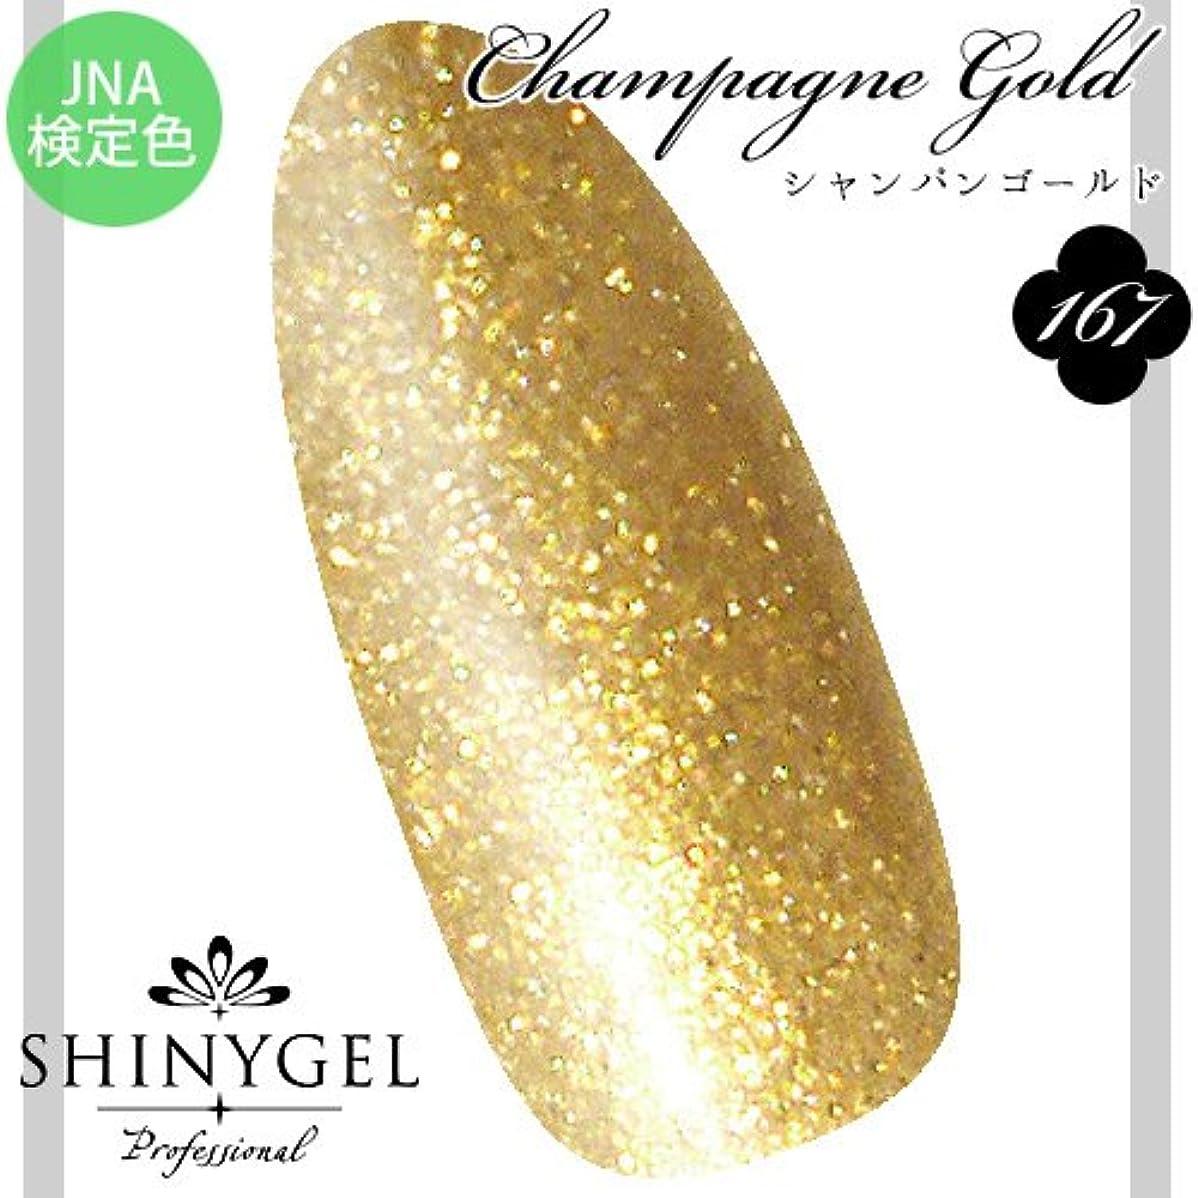 アスリートミネラルトレイSHINY GEL カラージェル 167 4g シャンパンゴールド JNA検定色